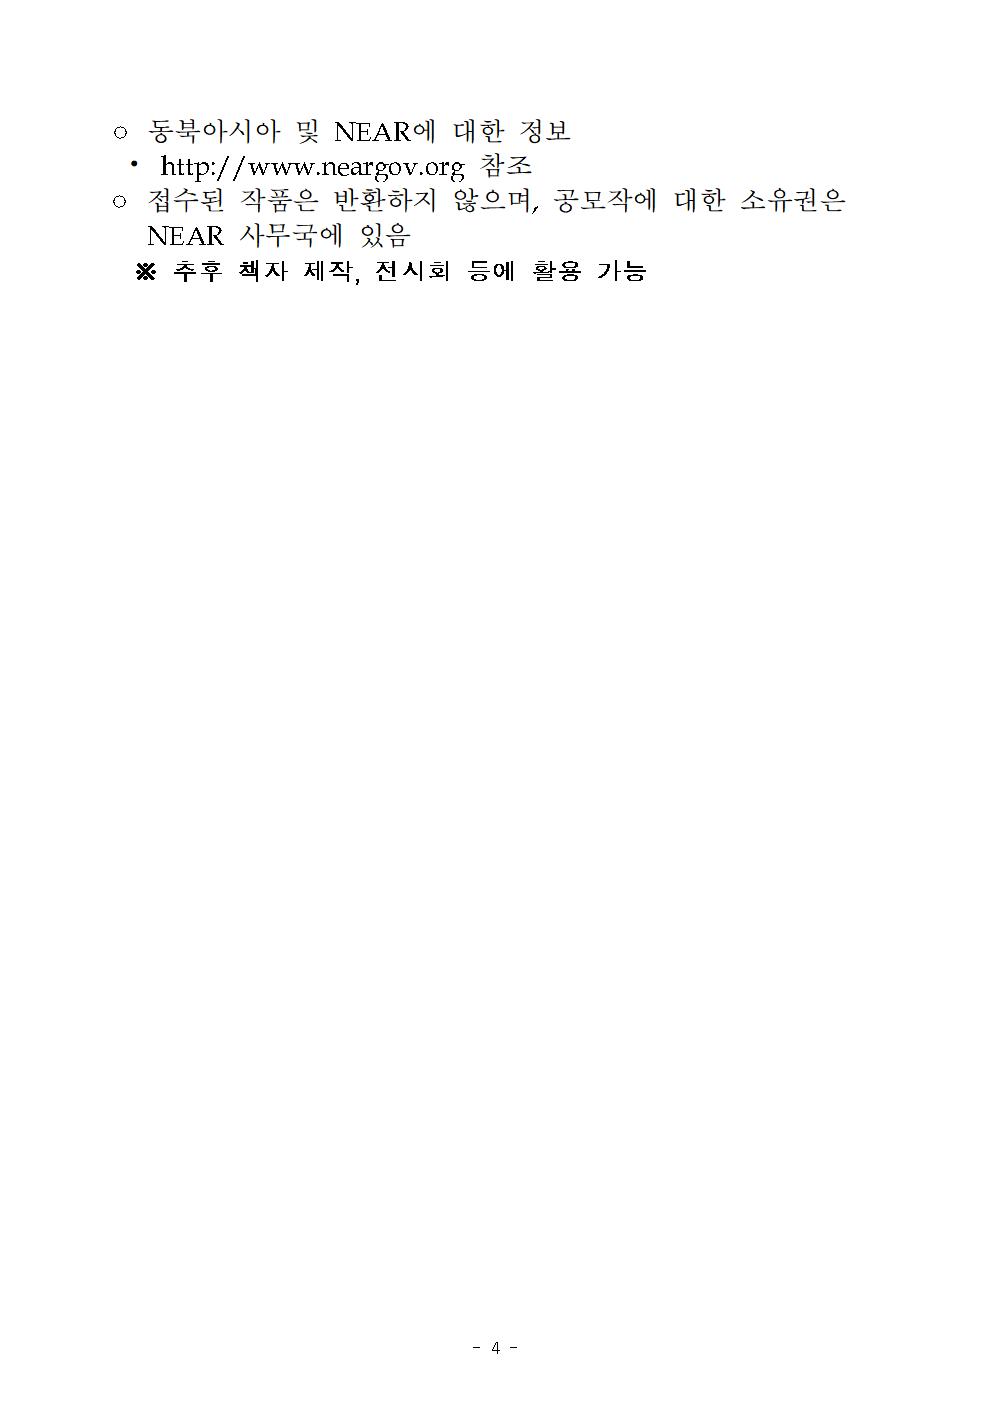 제8회 NEAR 청소년 공모전 안내문 및 신청서004.png